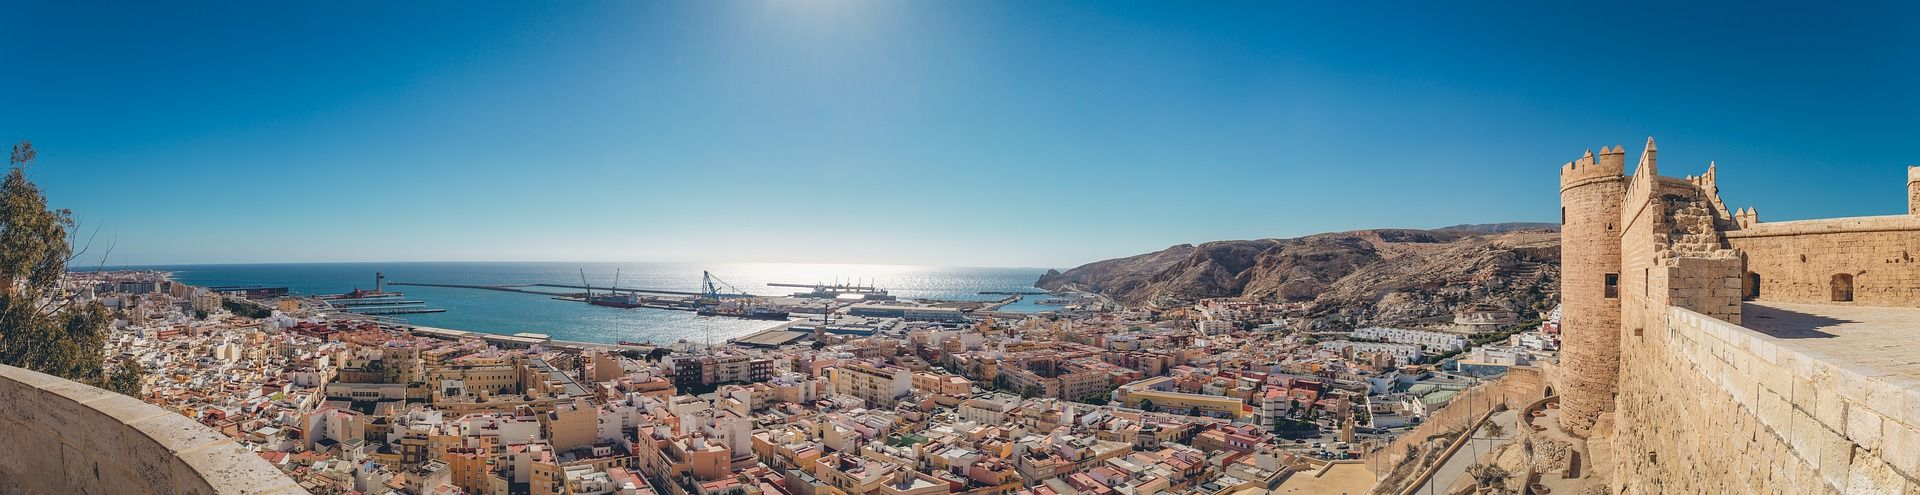 Compañia de luz y gas en Almería